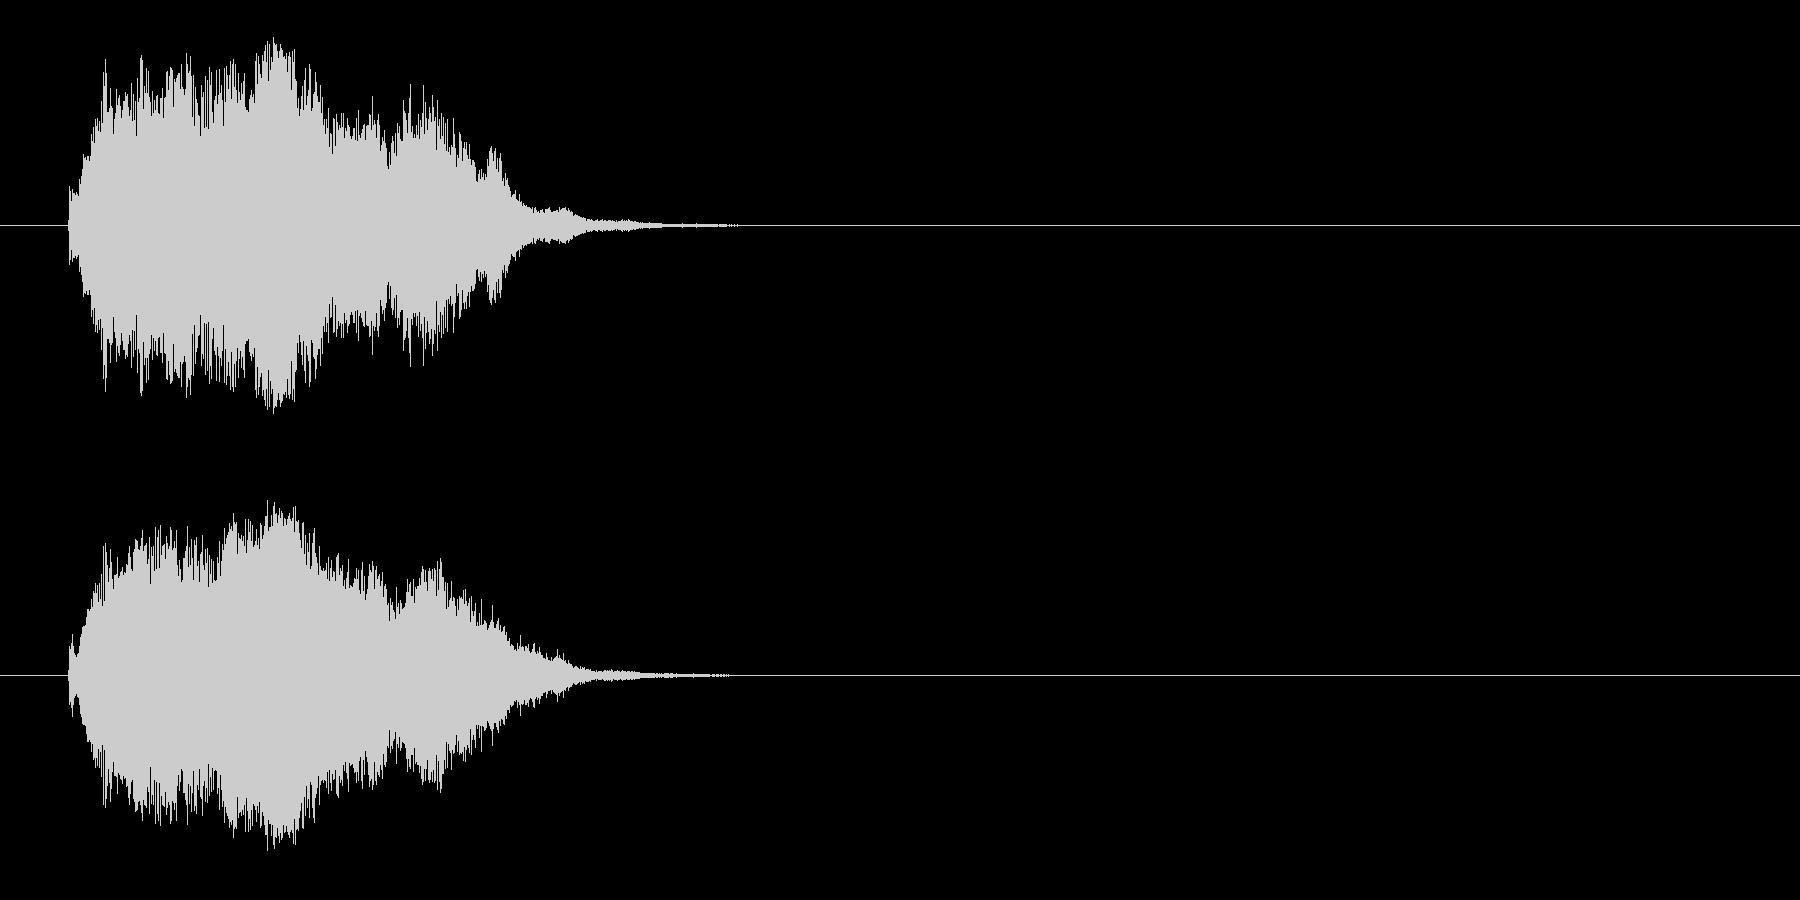 ジングル/SE(爽やか場面転換風)の未再生の波形